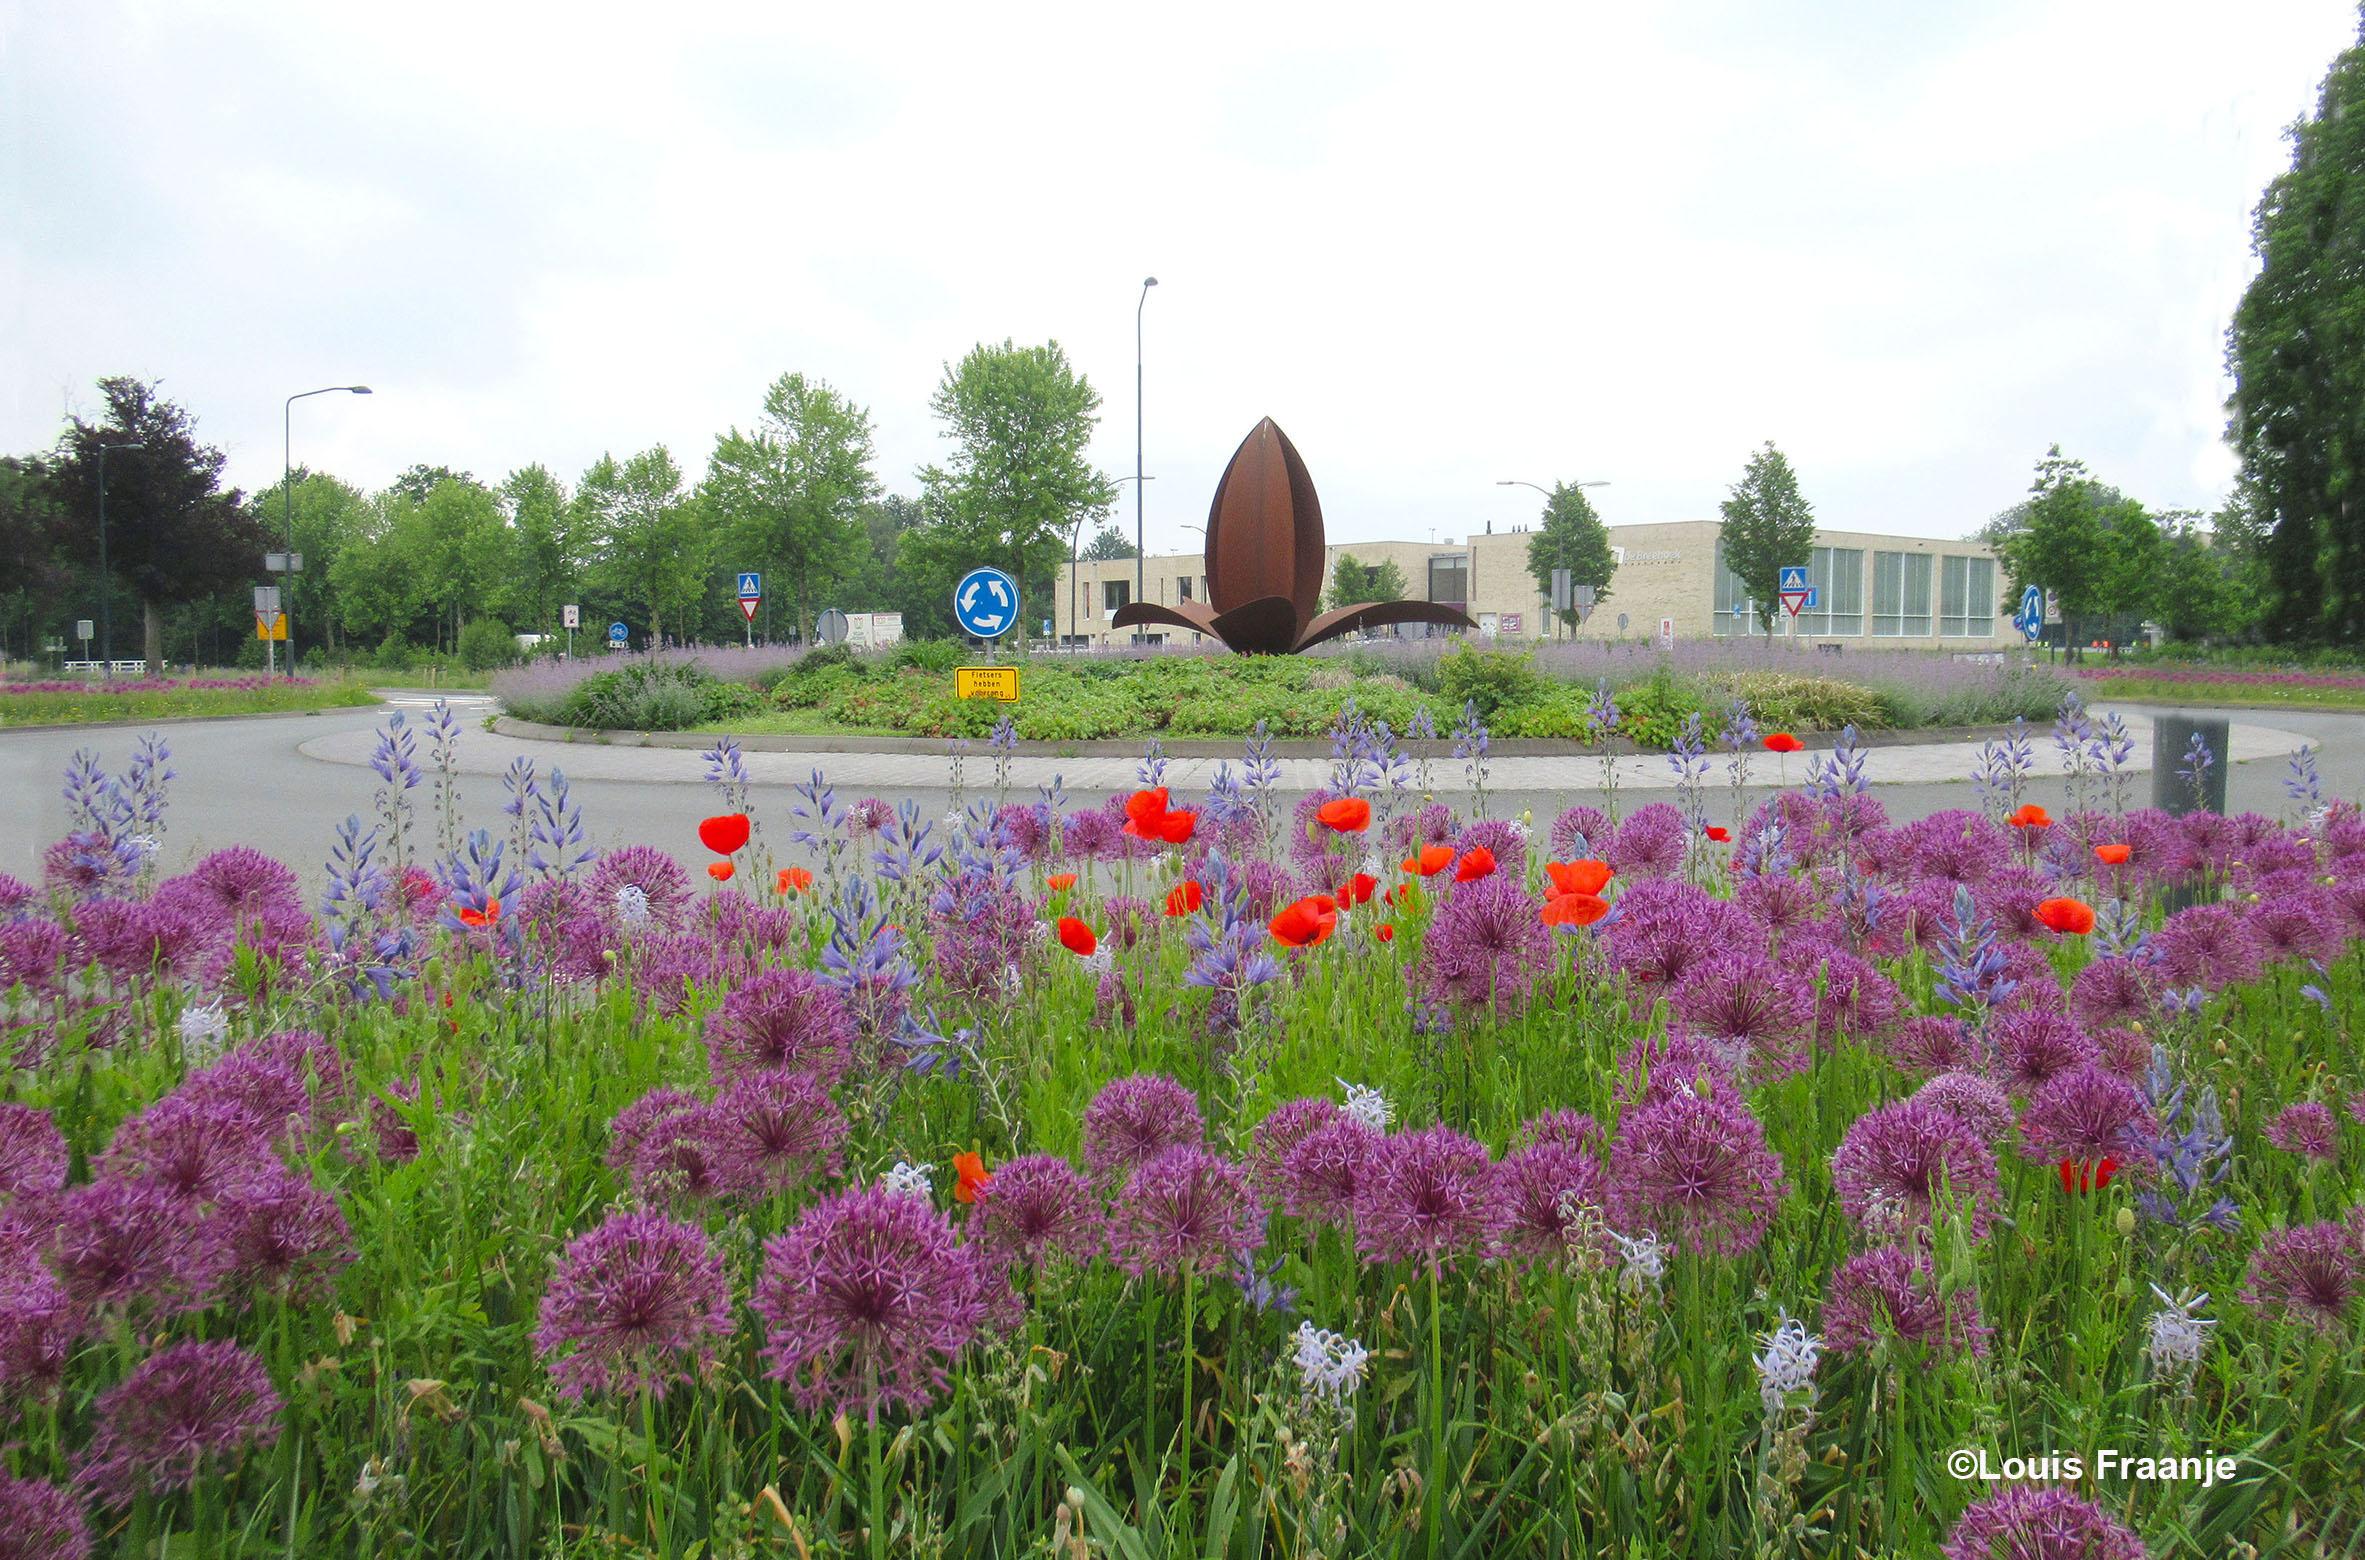 Bloemenweelde op de rotonde met op achtergrond Cultuurhuus De Breehoek en in het midden de prachtige stale Lelie uit het wapen van Scherpenzeel - Foto: ©Louis Fraanje